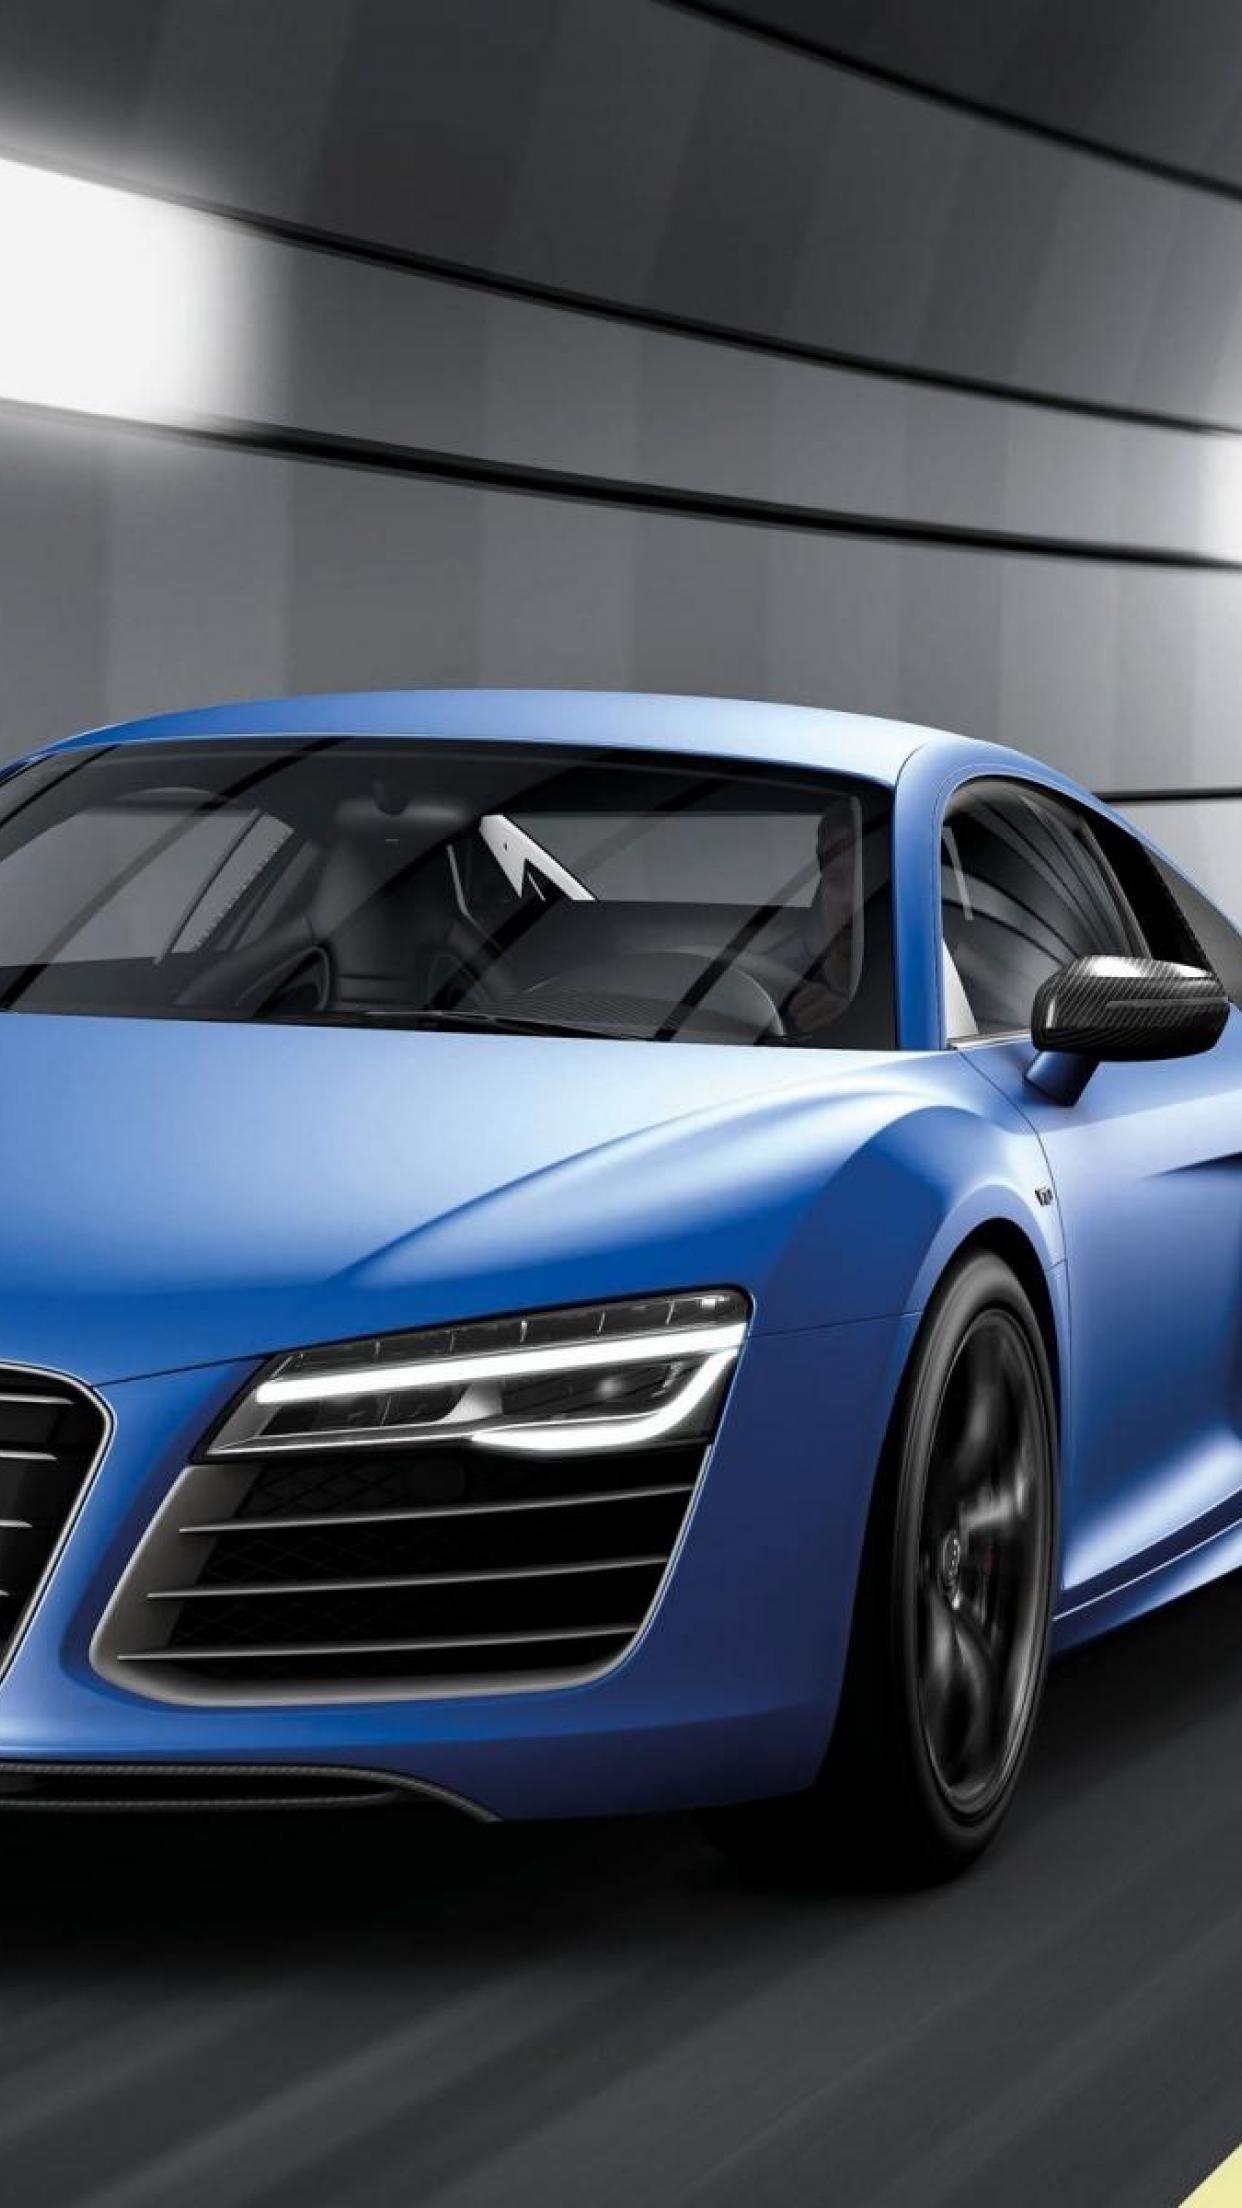 Nissan R35 Blue Car Wallpaper | nissan r35 blue car wallpaper 1080p, nissan  r35 blue car wallpaper desktop, nissan r35 blue car wallpaper hd, nissa…